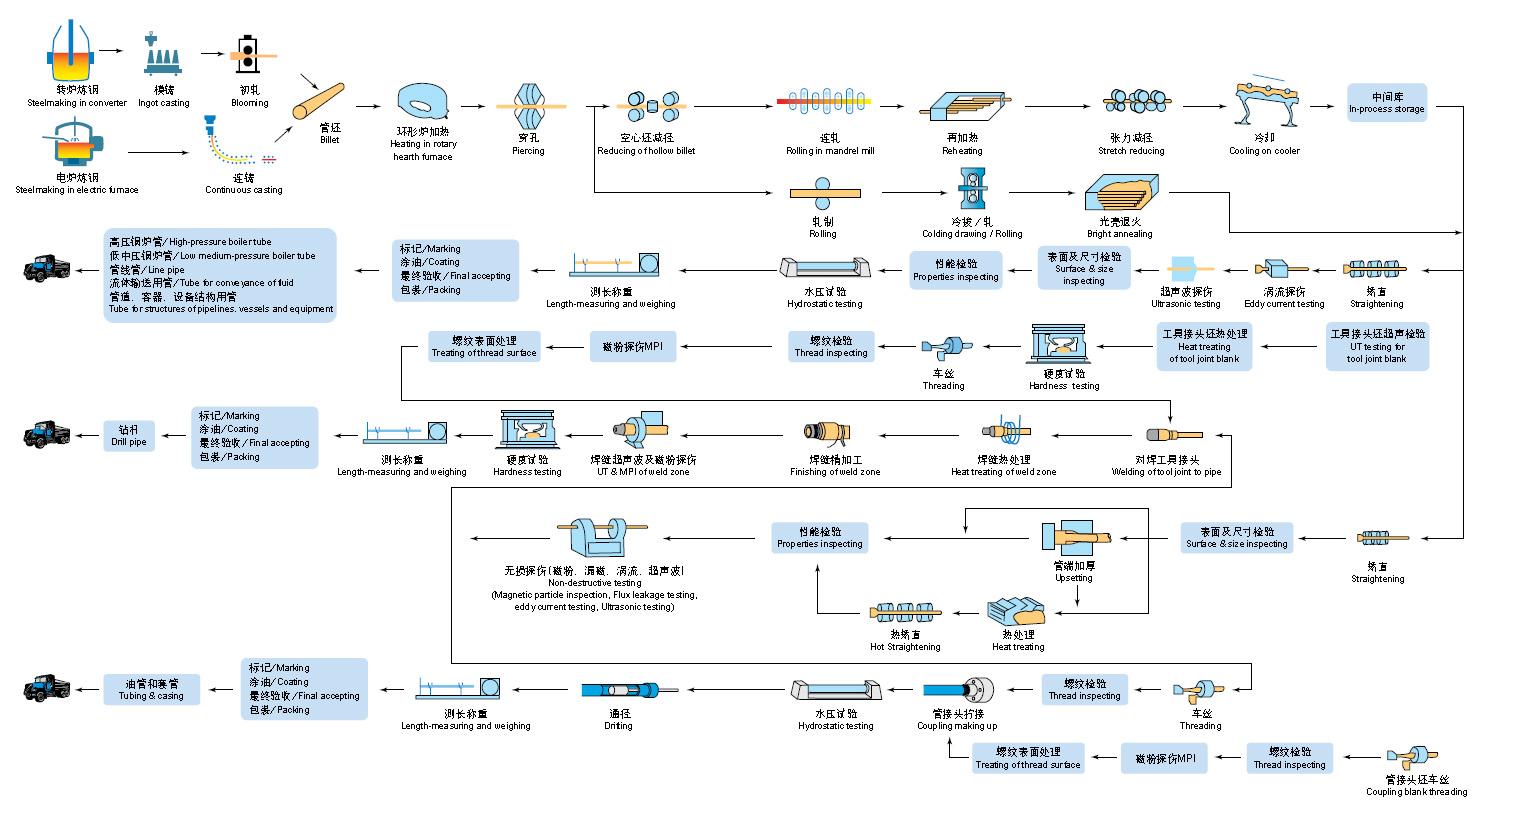 无缝直播车流程图